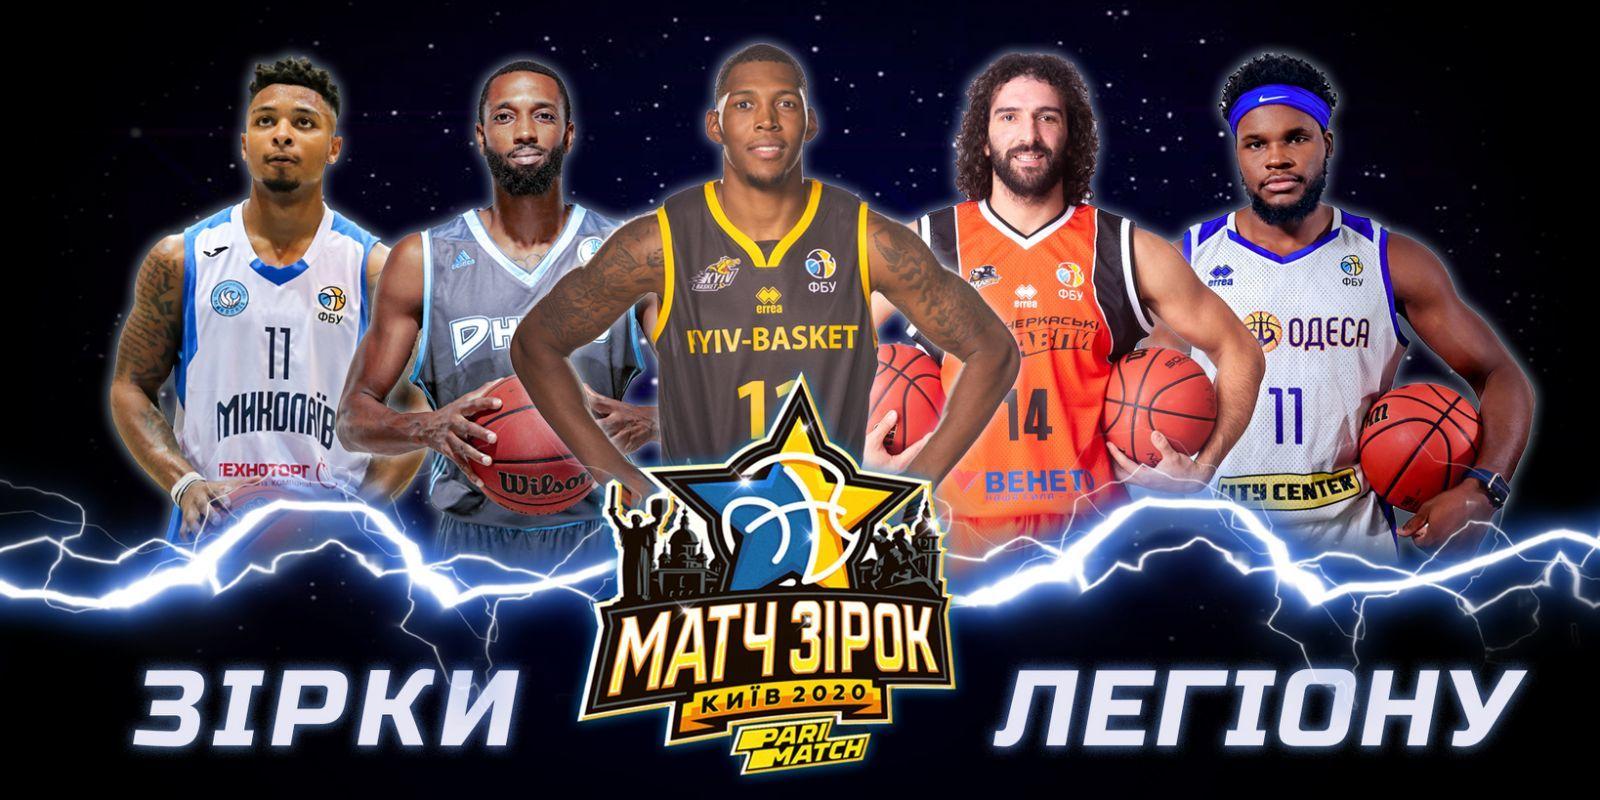 Визначено стартові п'ятірки та тренерів команд України та Легіону на Матч Зірок Суперліги-2020